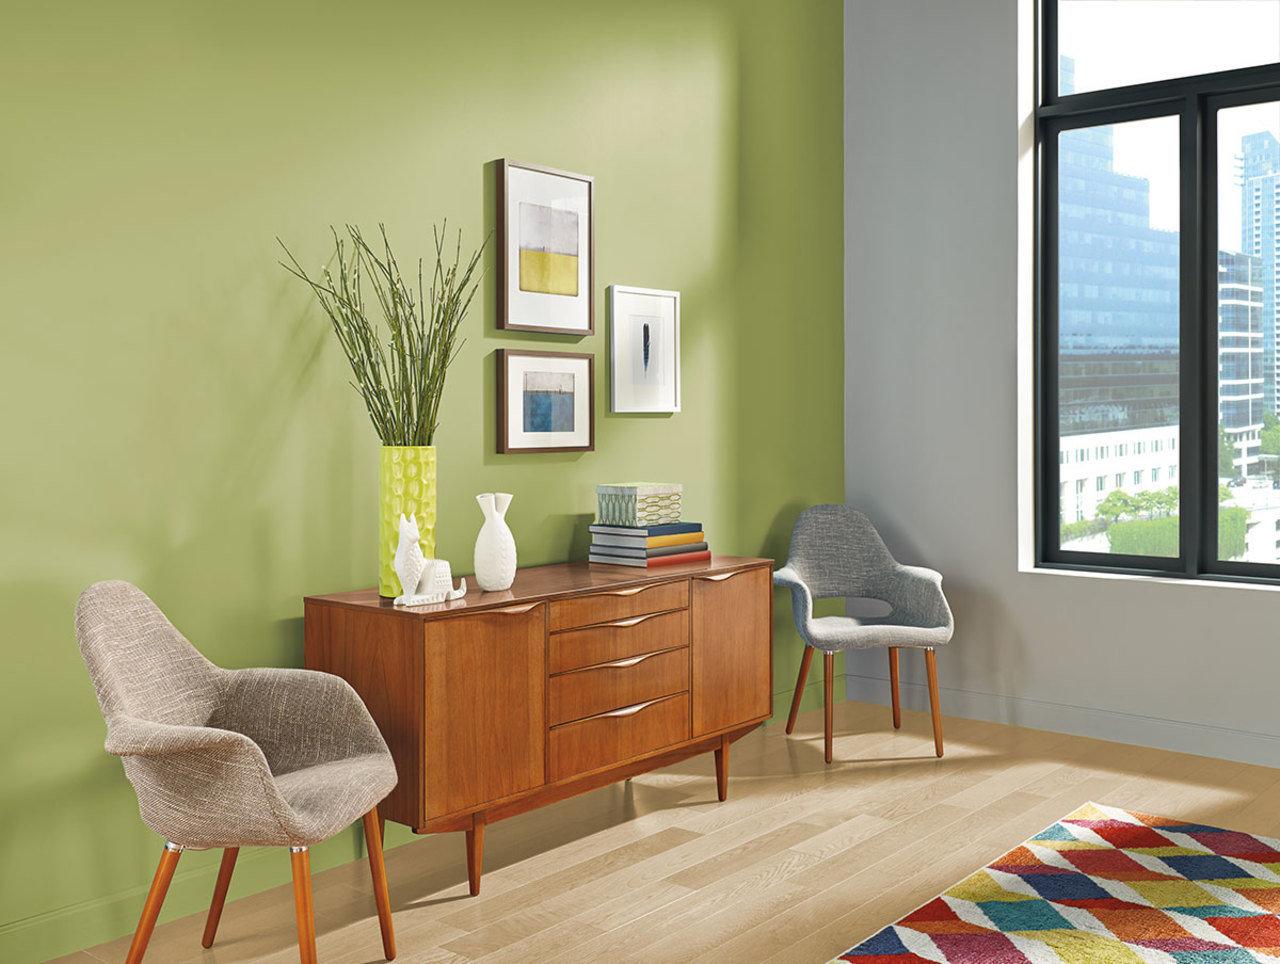 Un acento verde en la pared ofrece un detalle sobresaliente al comedor.